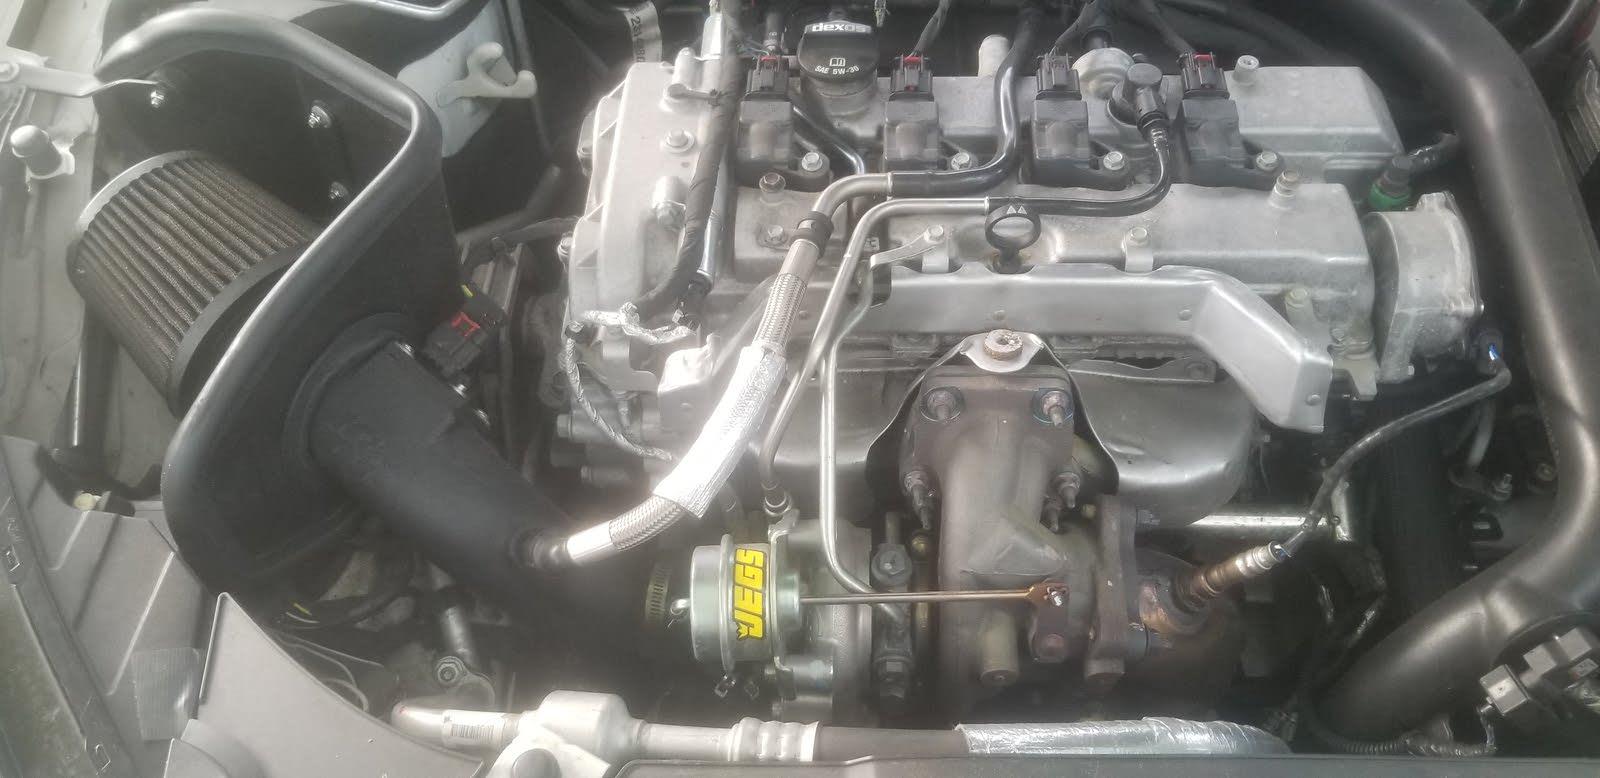 2014 Chevy Malibu LS Battery